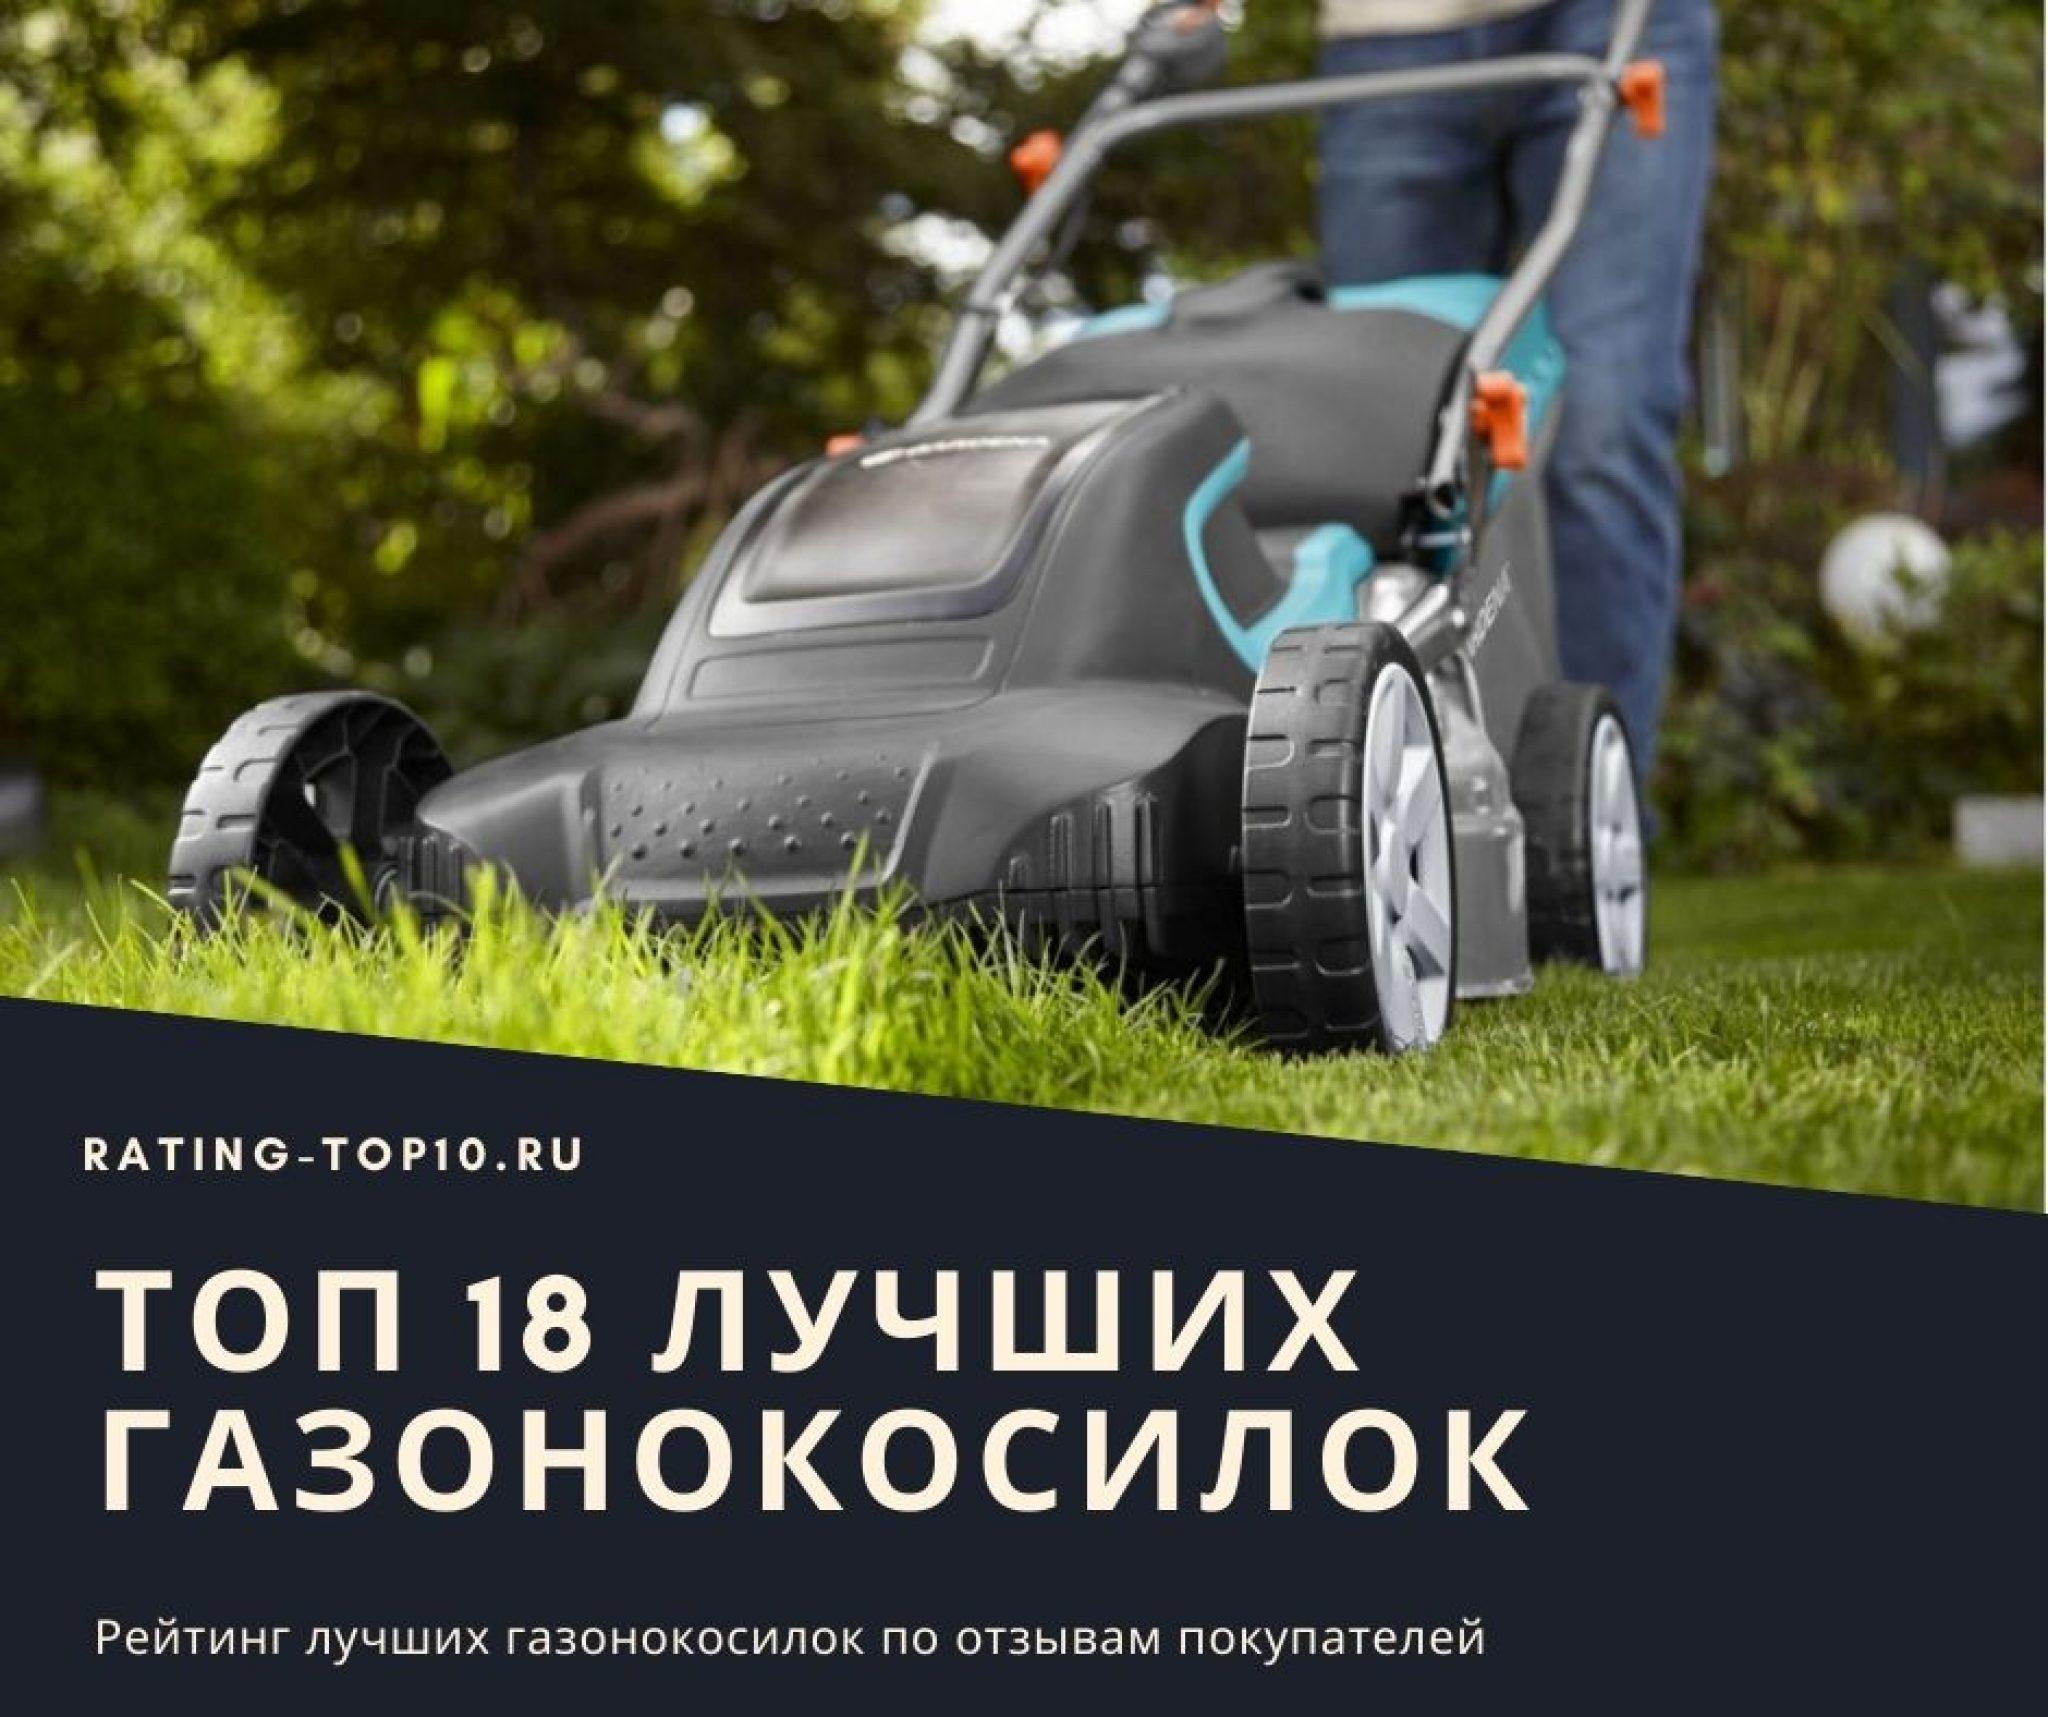 Бензиновые несамоходные газонокосилки: рейтинг лучших моделей, устройство ручных косилок на бензине, основные критерии и параметры выбора этих устройств